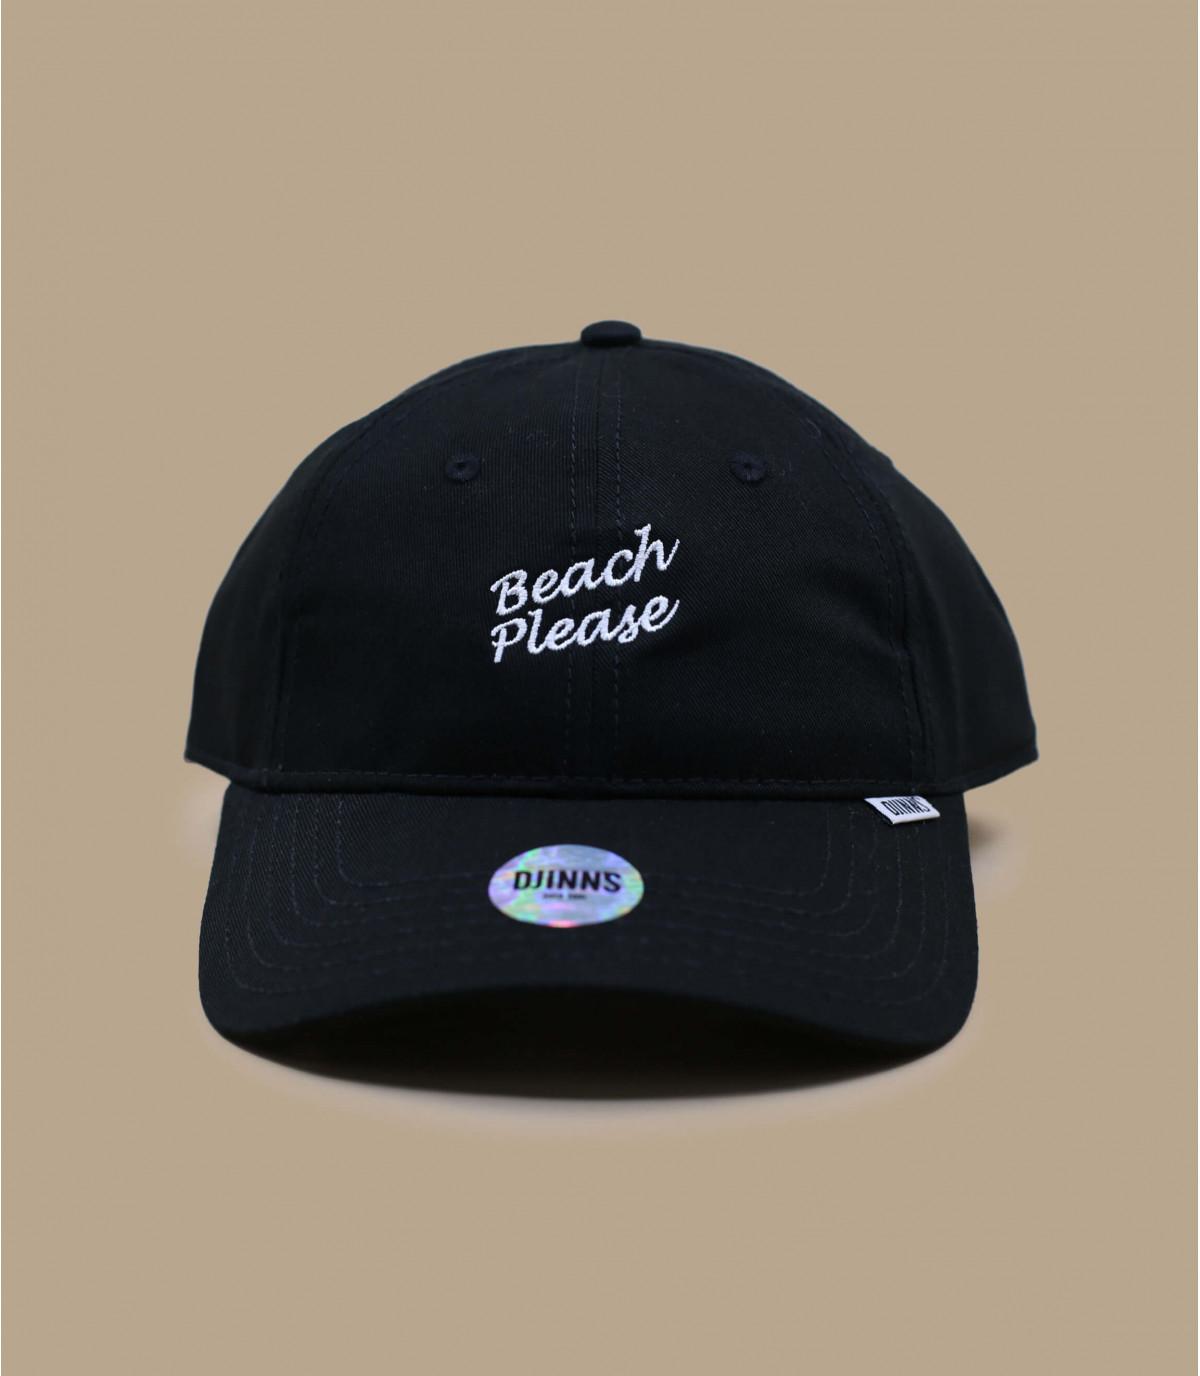 strandmuts alstublieft